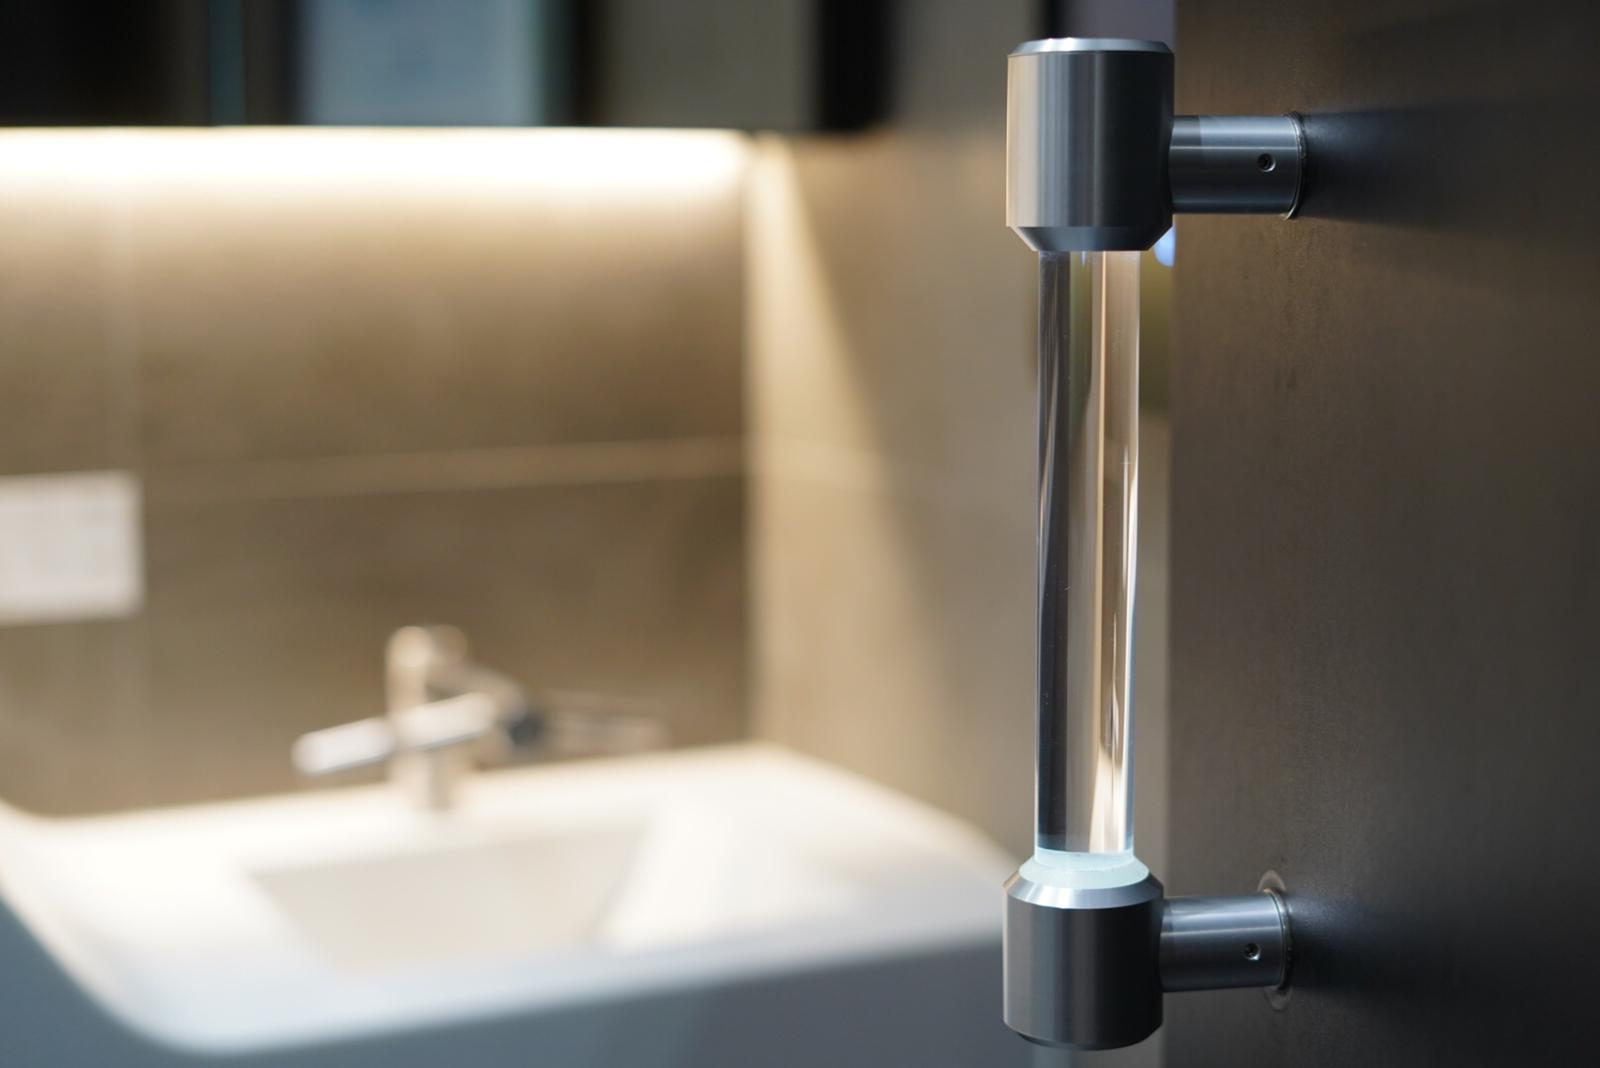 A Self-Sanitizing UV Door Handle May Open the Doors to Better Hygiene